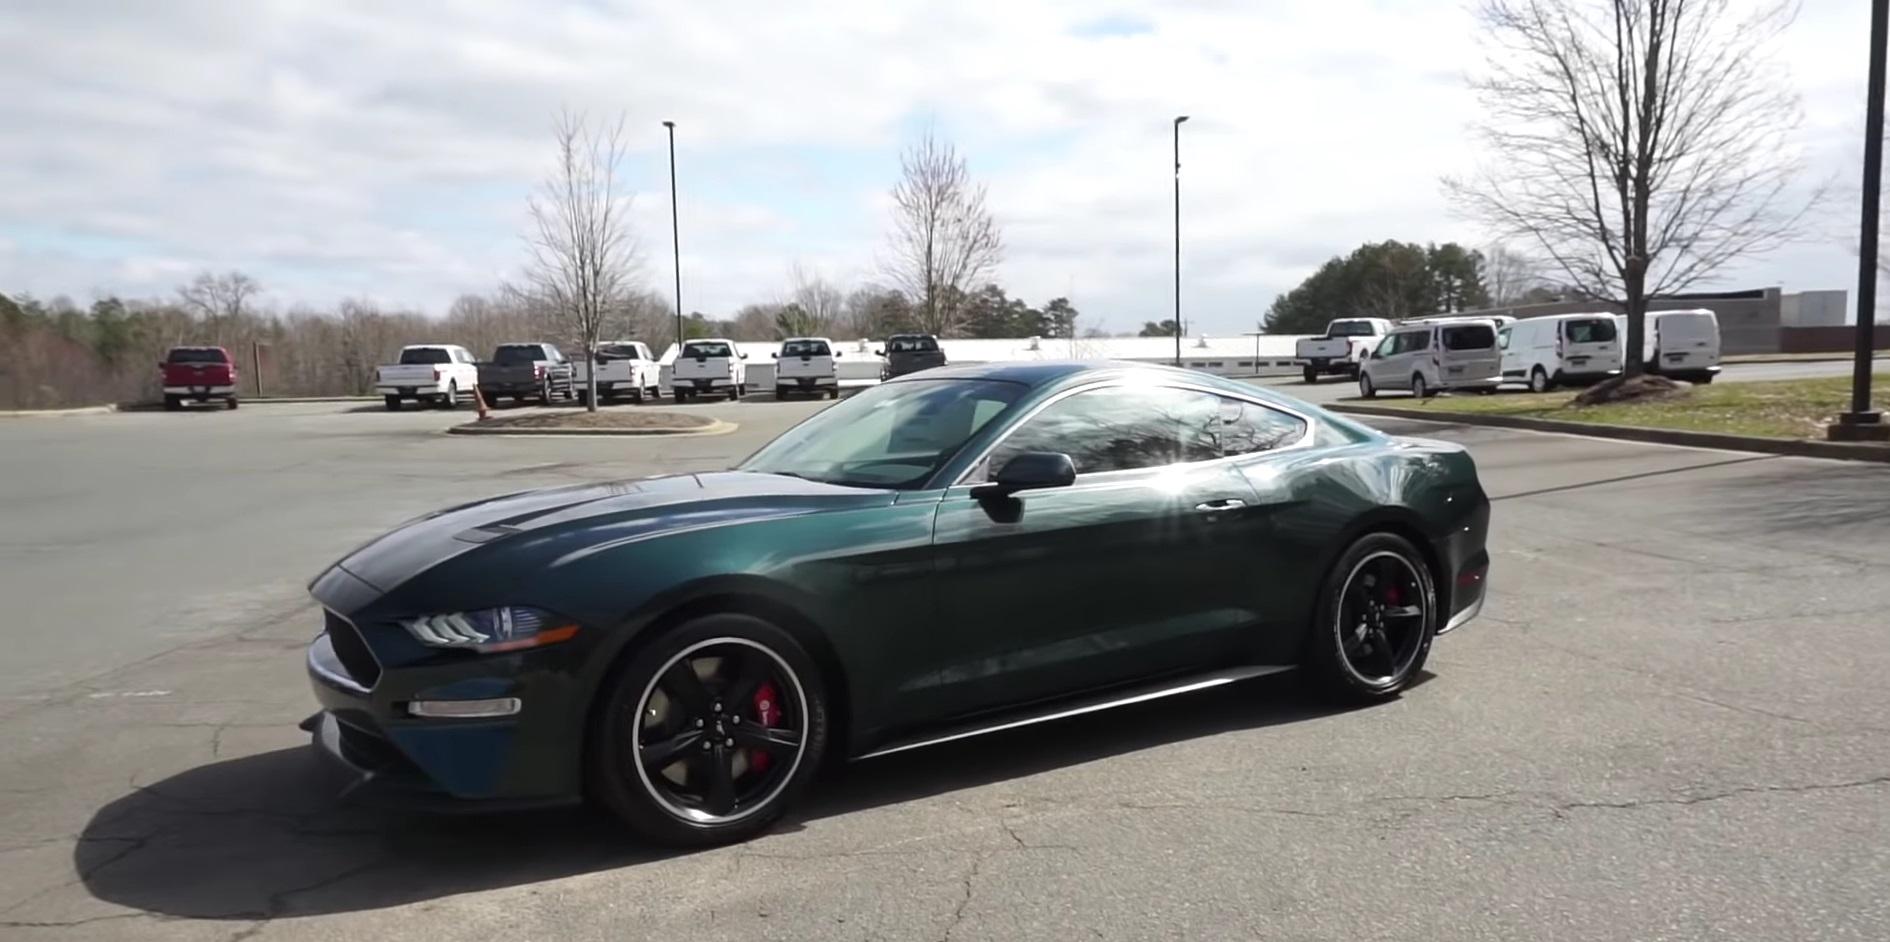 Video: 2019 Ford Mustang Bullitt - Start Up, Exhaust, & Test Drive